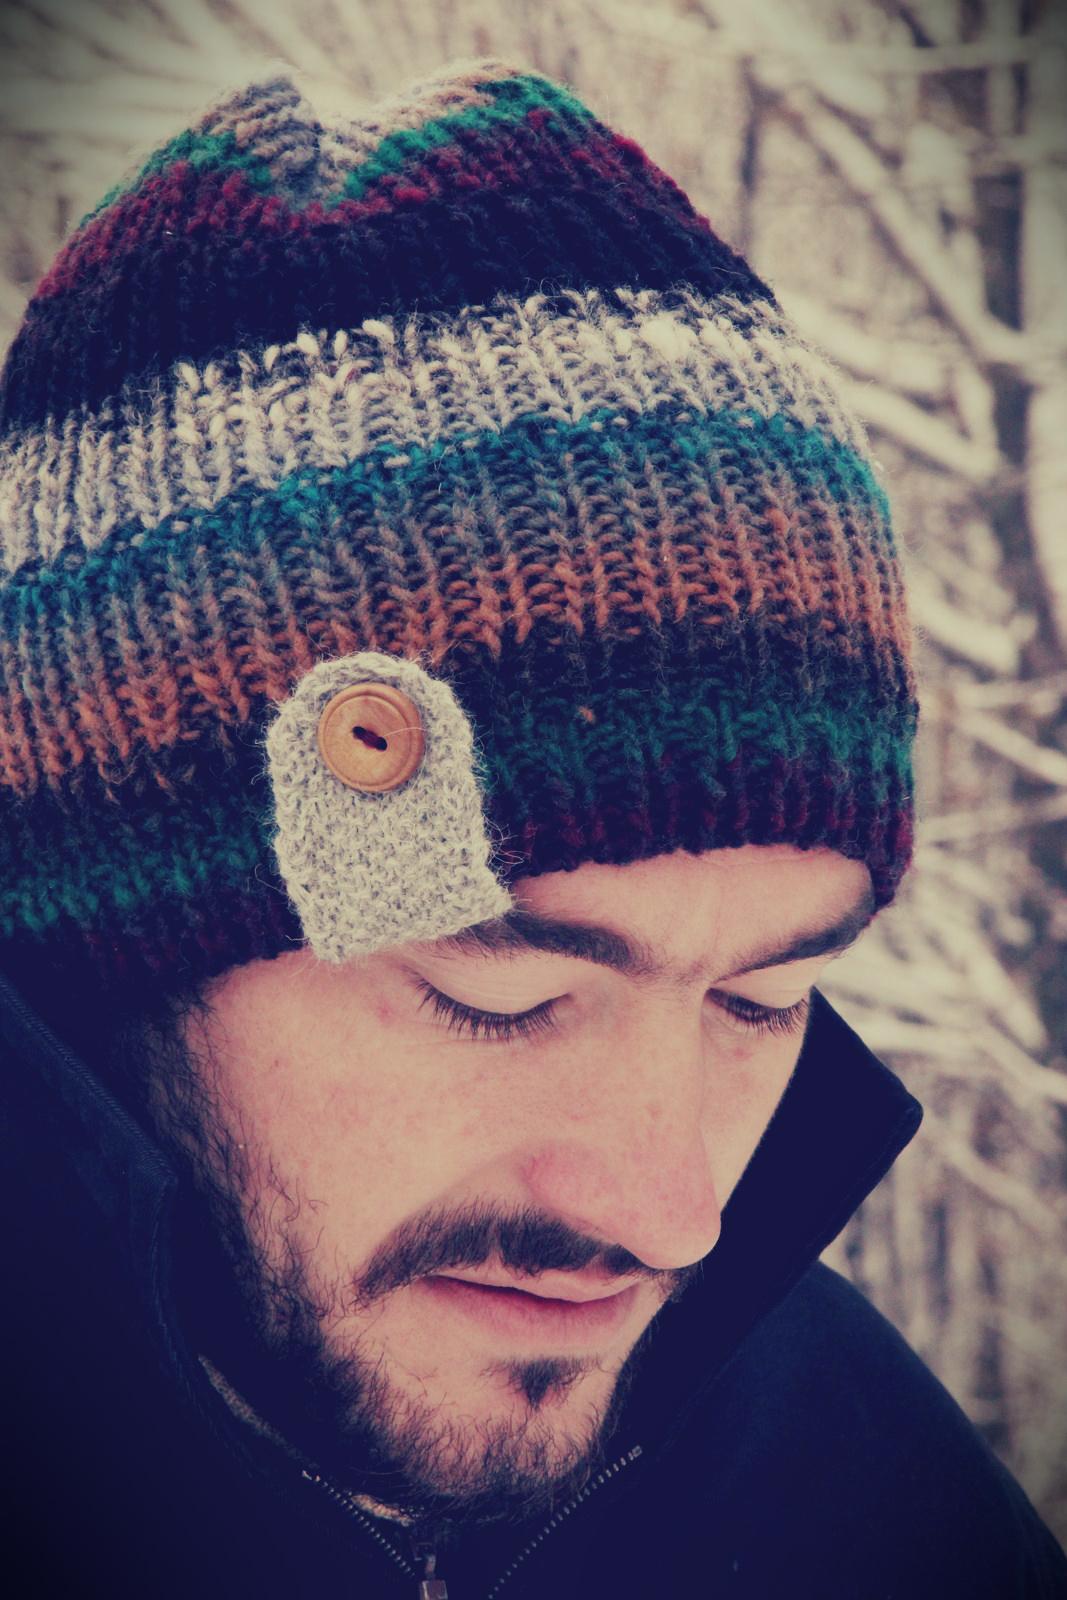 tricoter 1 bonnet